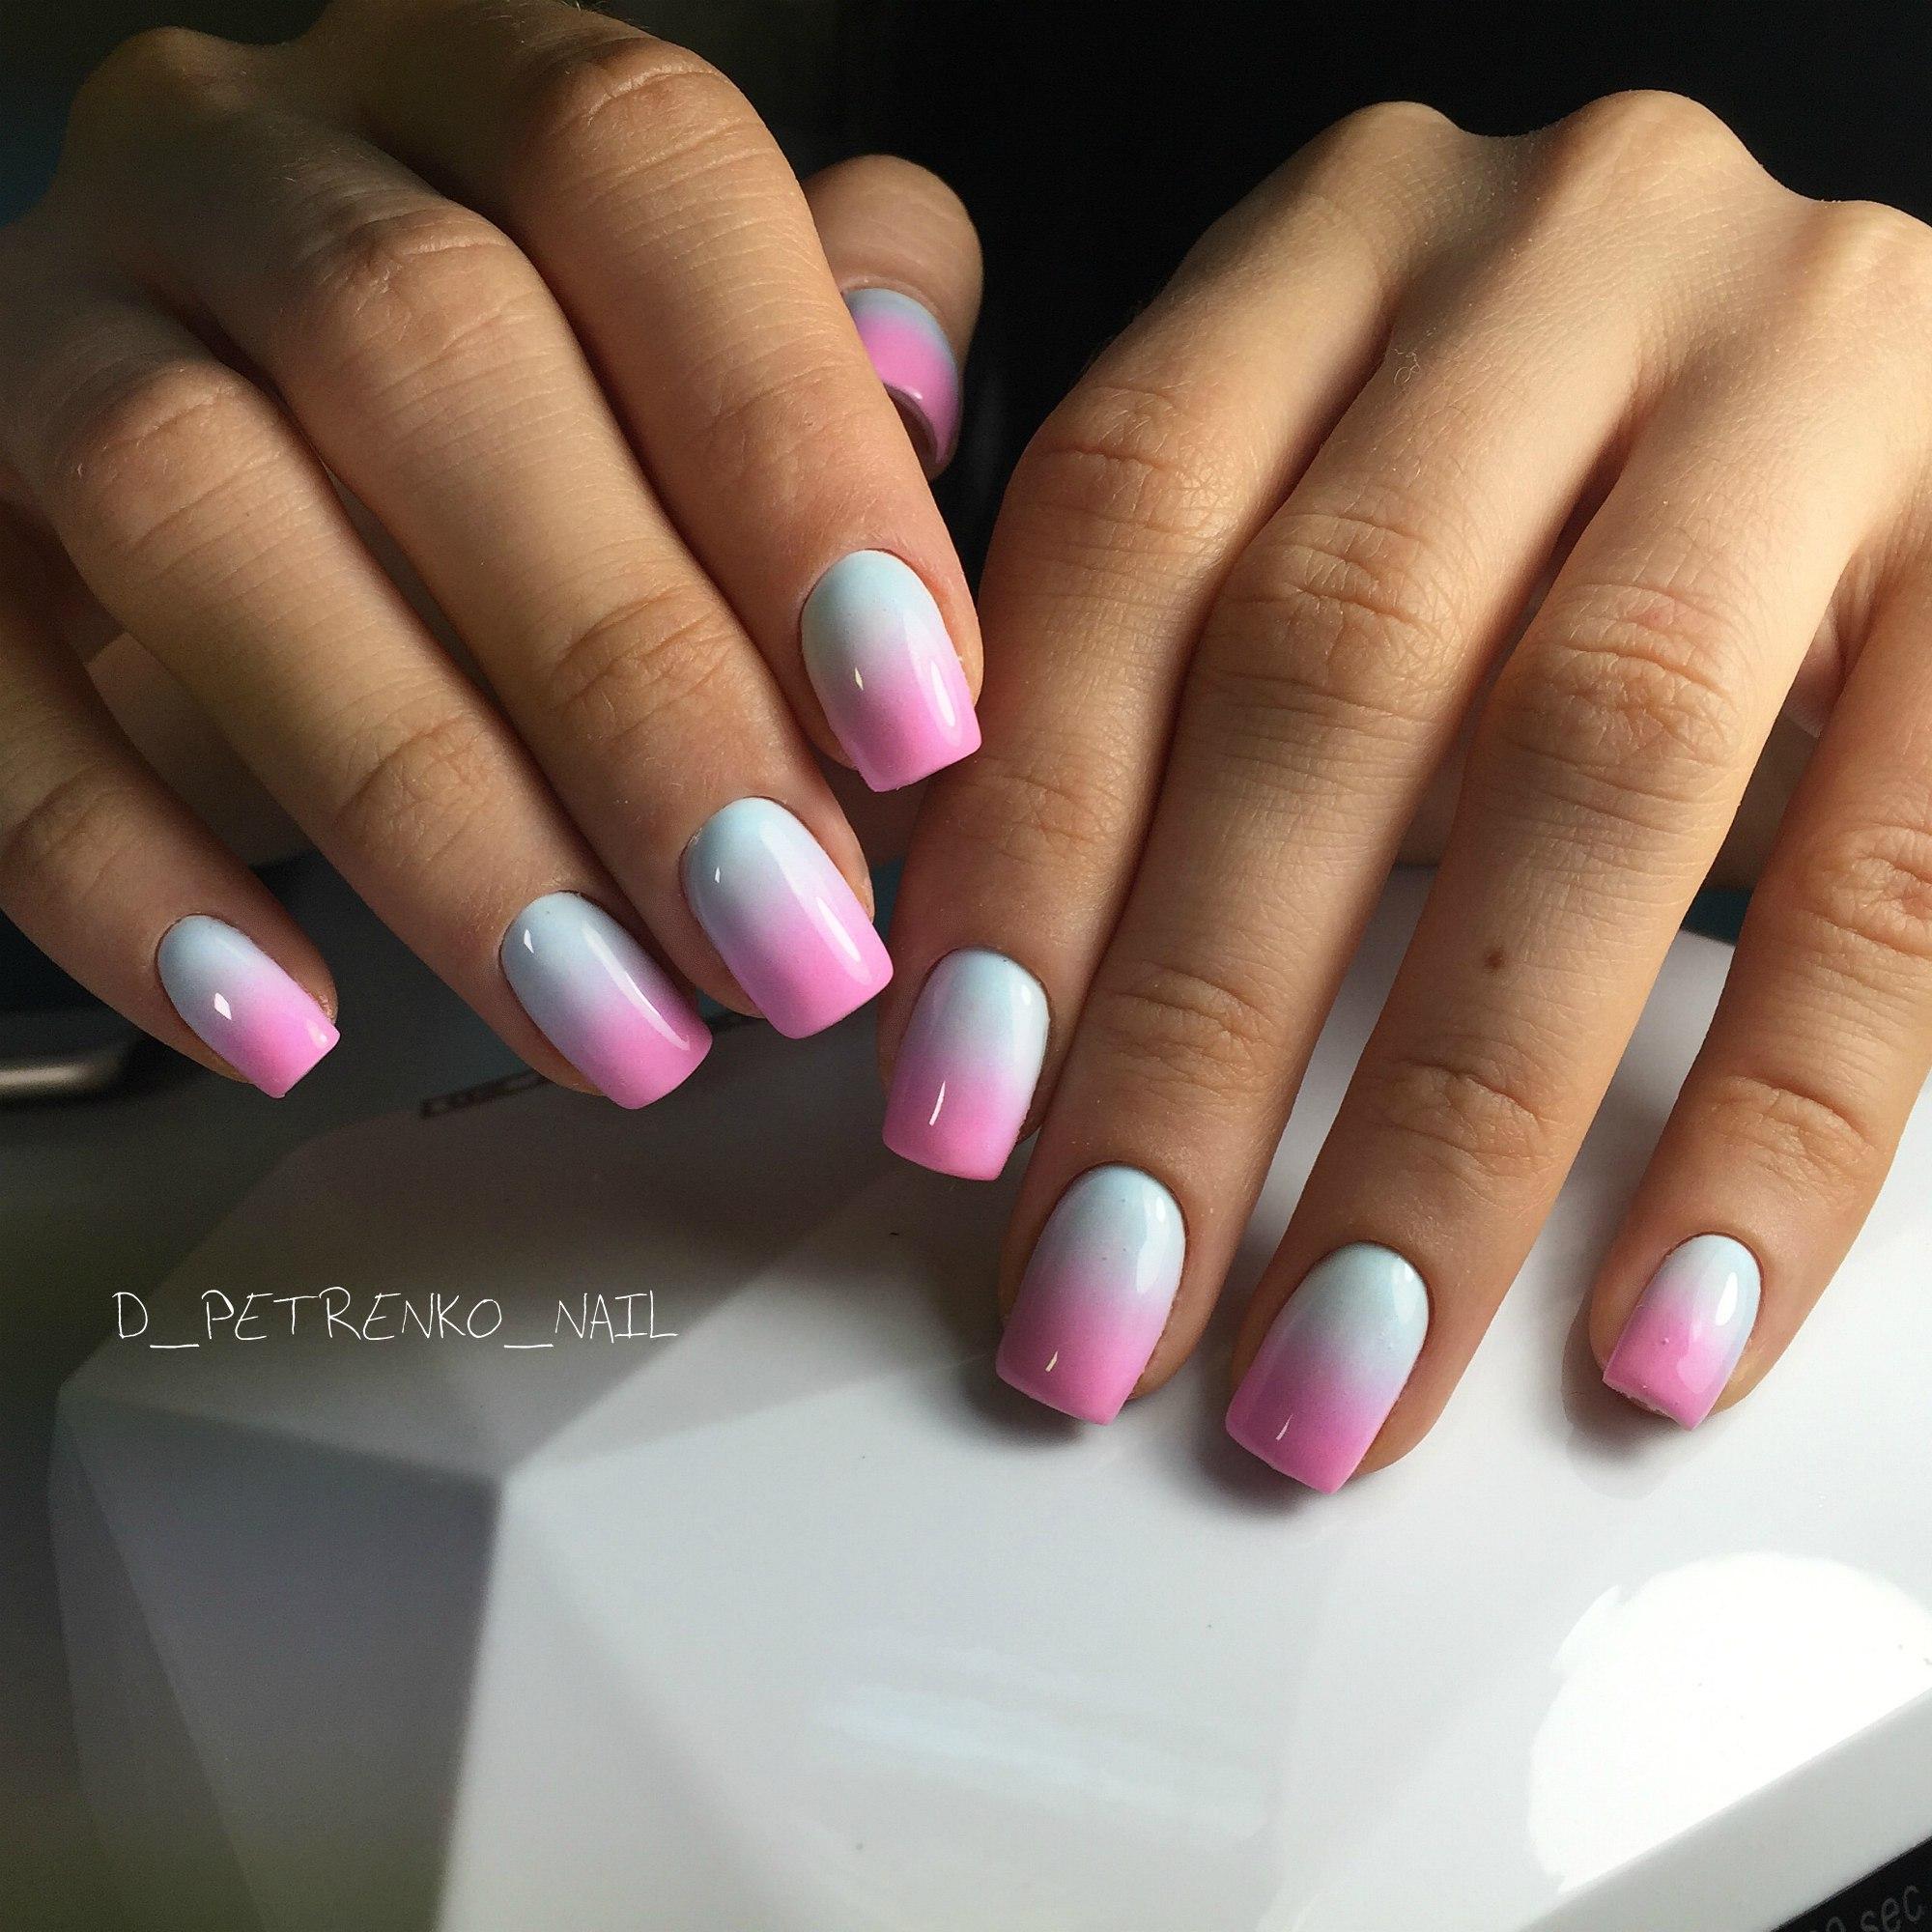 Дизайн на короткие ногти 2018 фото новинки френч весна лето омбре